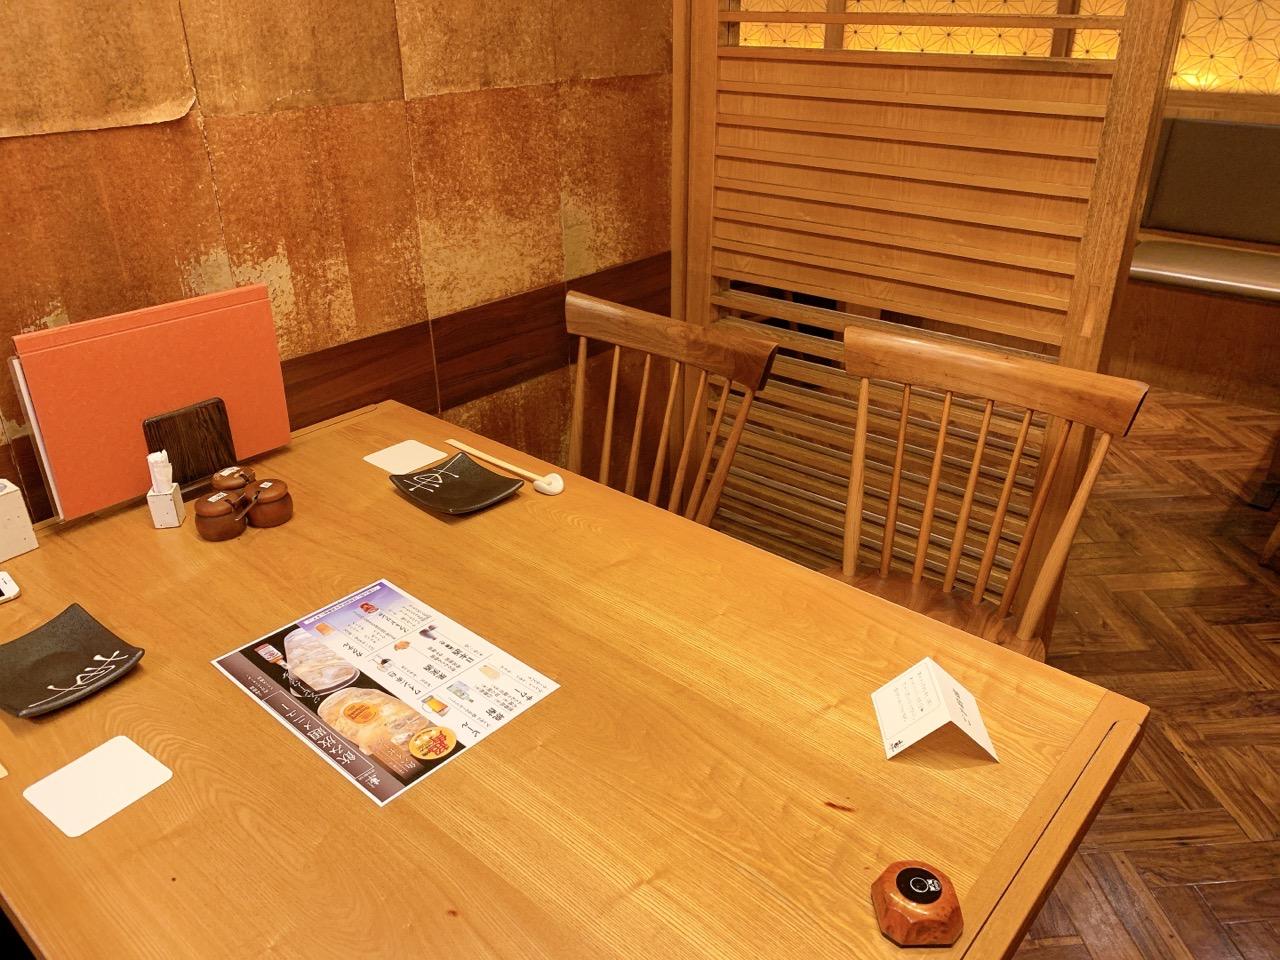 よりプライベートを楽しみたいなら個室が最適!